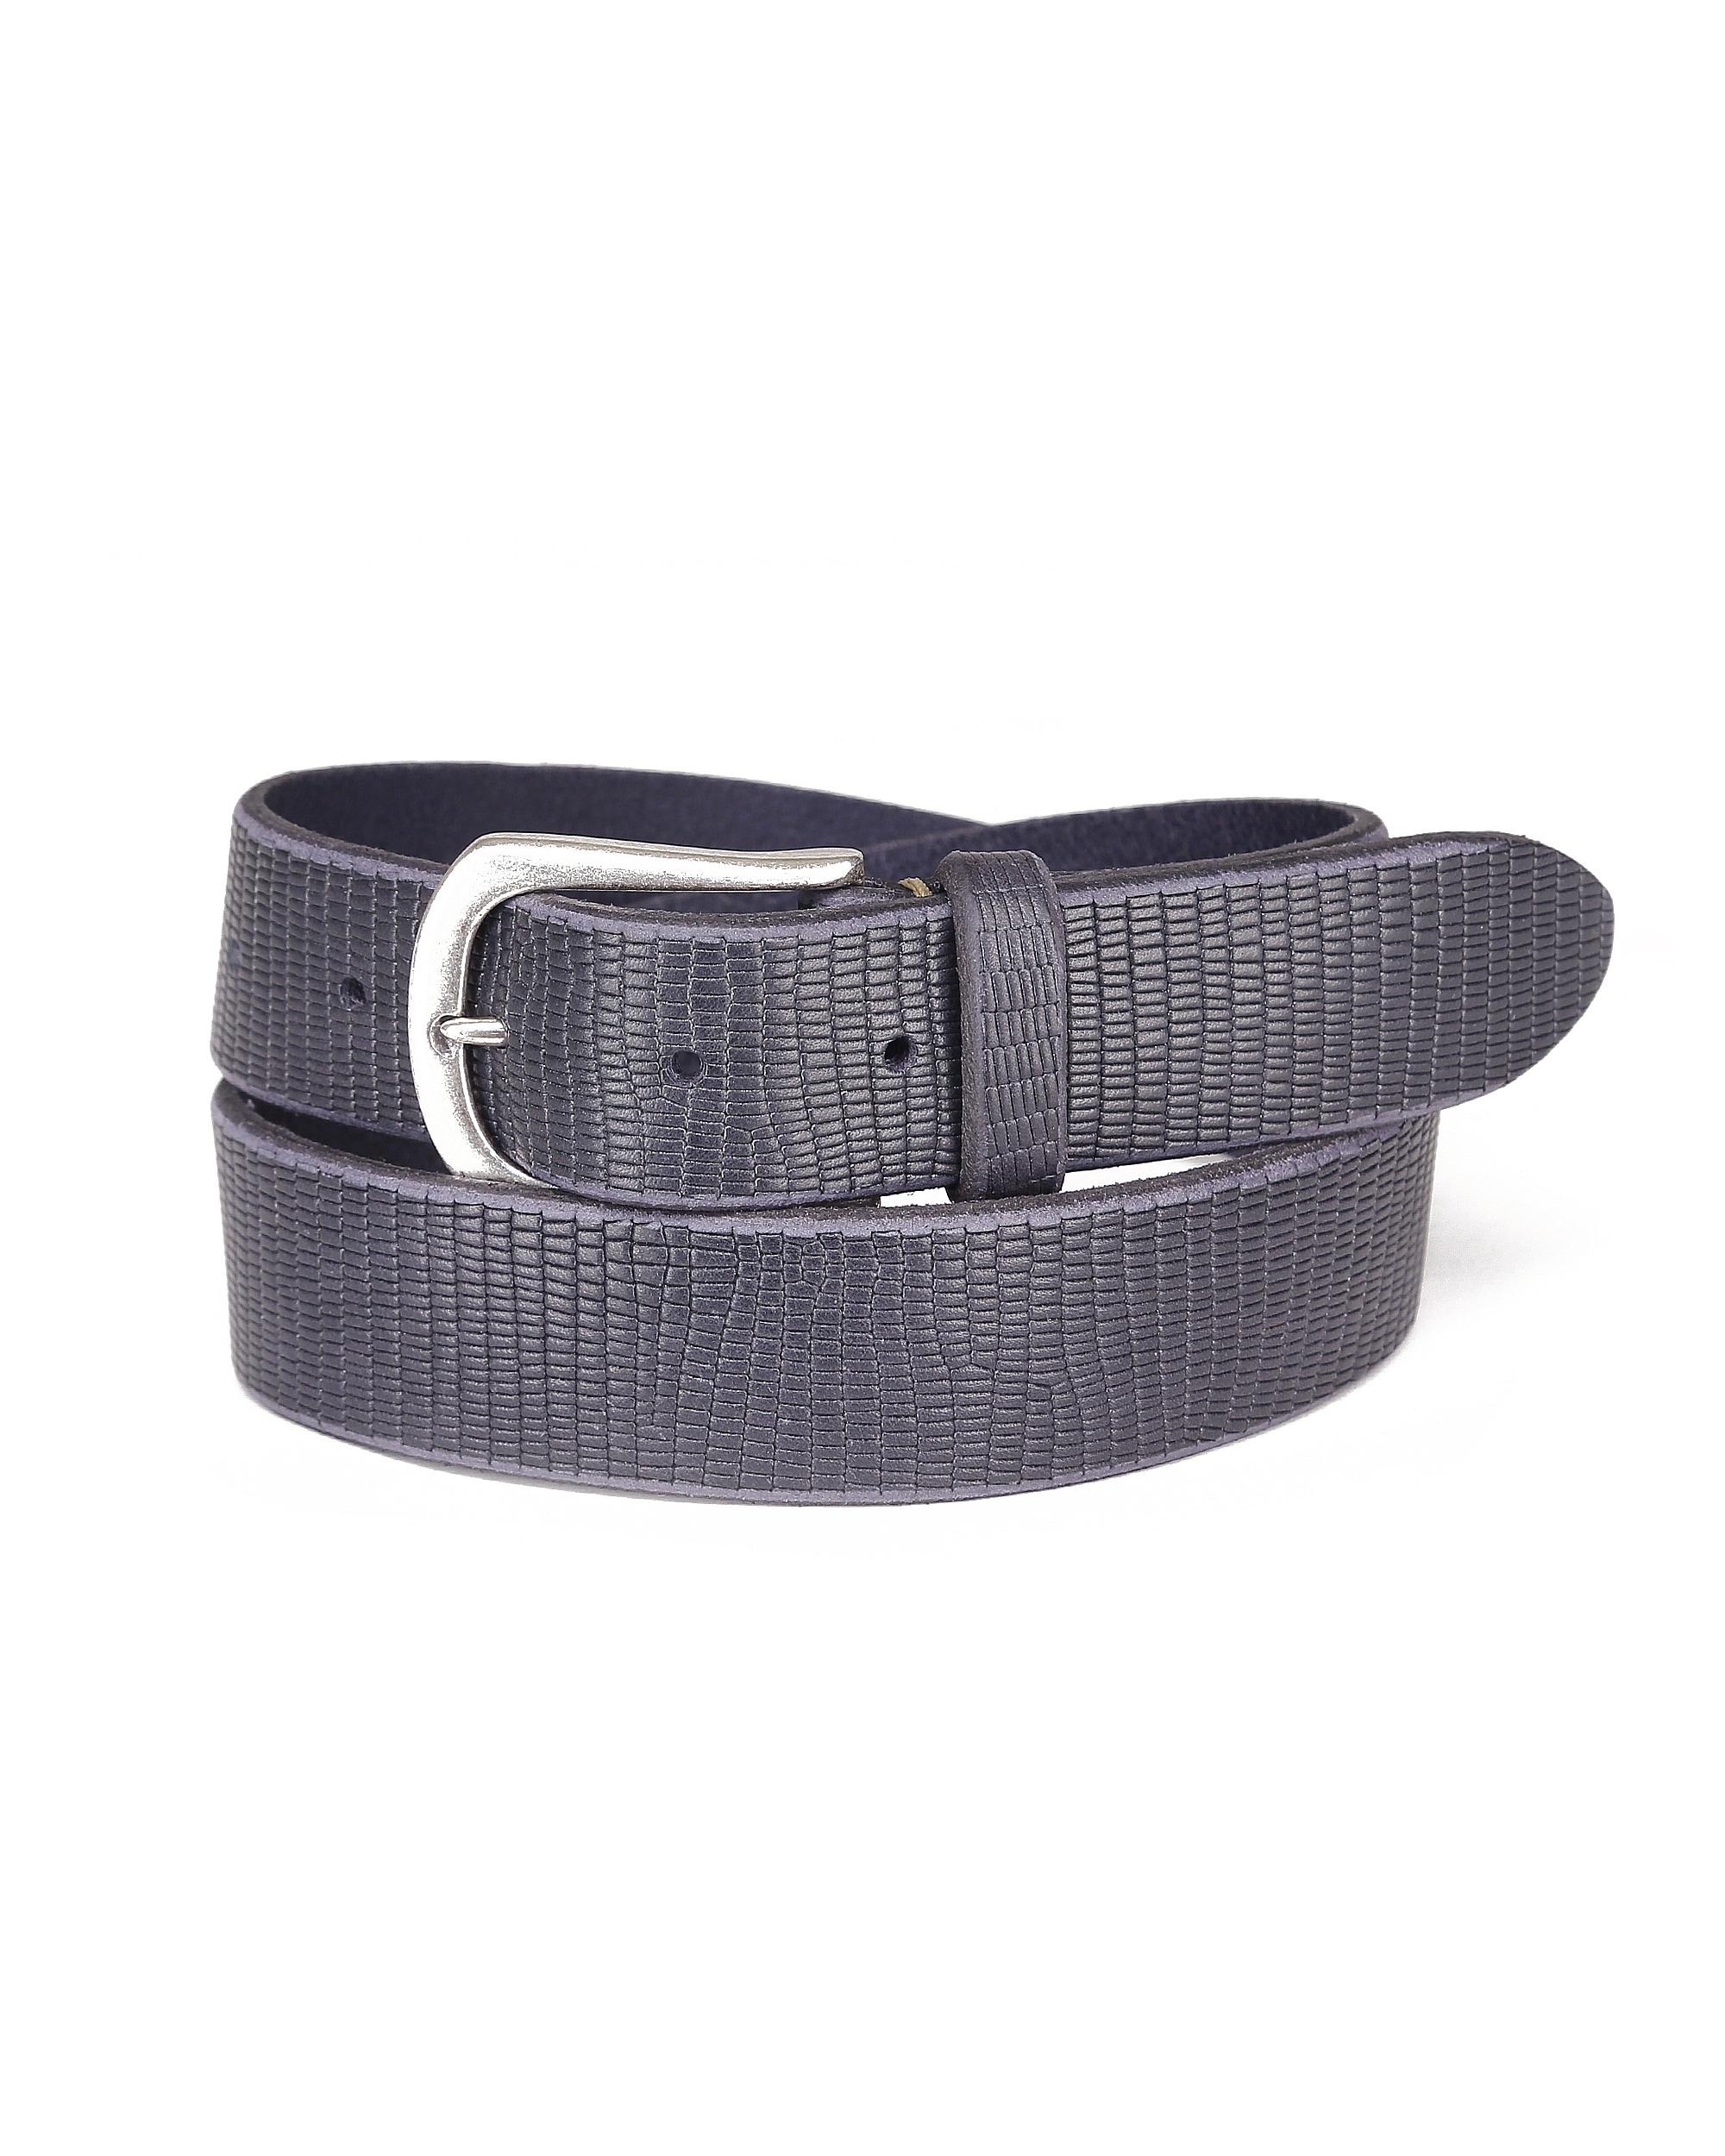 JCC Ledergürtel, Gürtel breit blau Damen Ledergürtel Accessoires